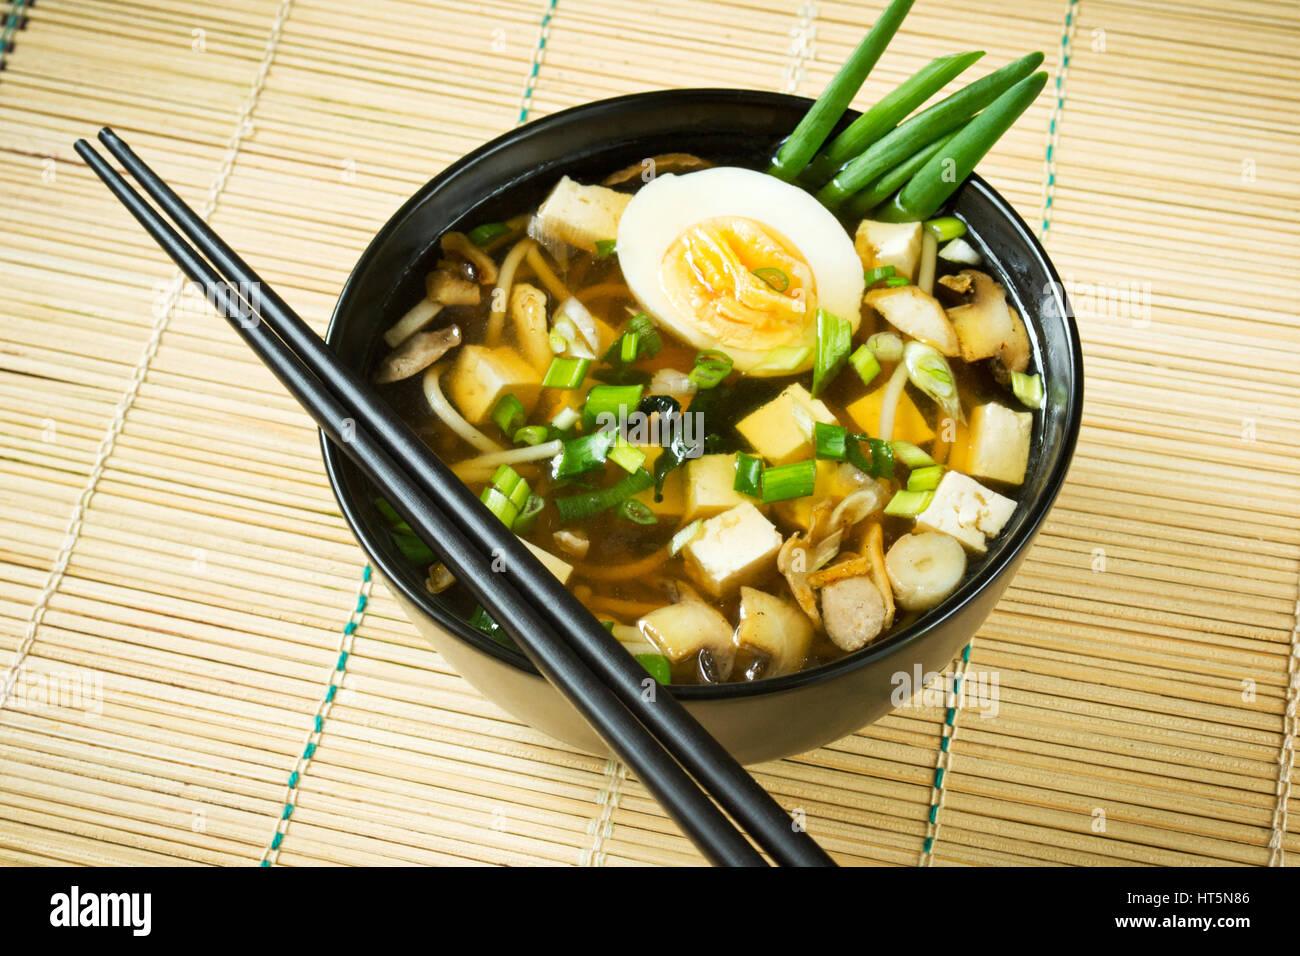 La soupe miso dans un bol noir Photo Stock